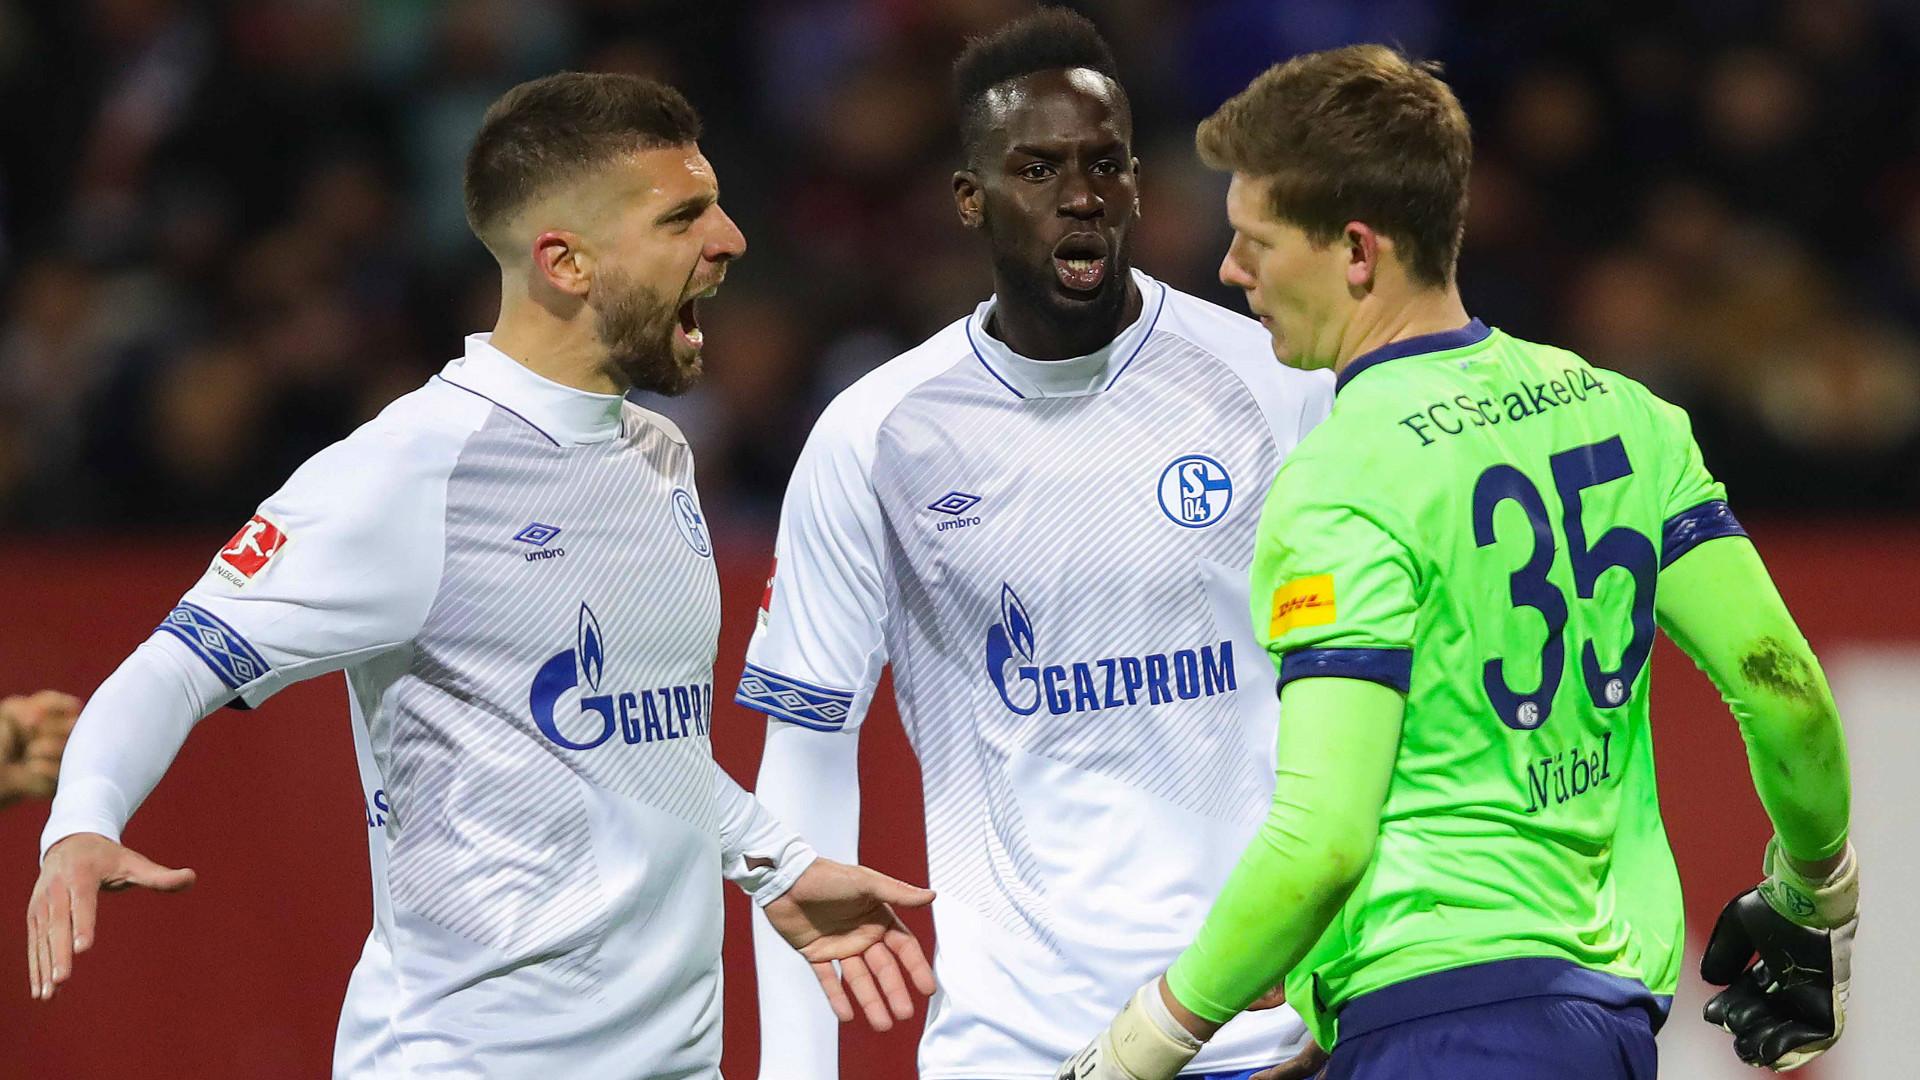 Schalke Gegen Hoffenheim 2020